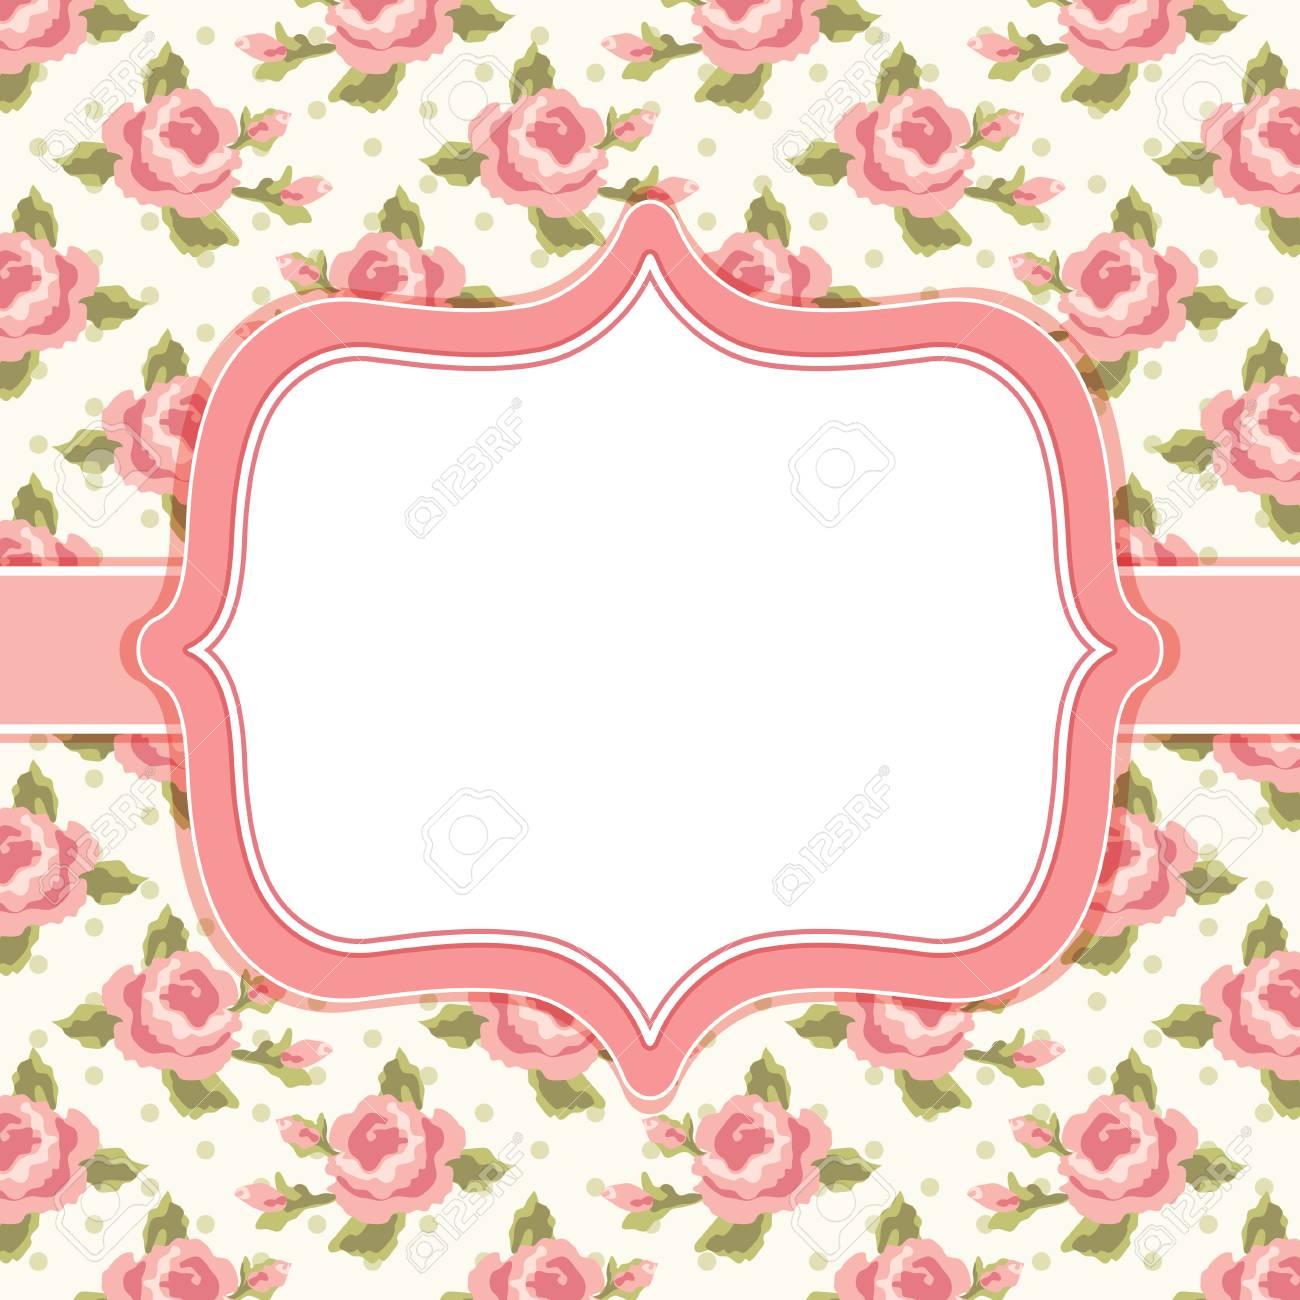 Cornici Stile Shabby Chic.Cornice Floreale Retro Con Rose In Stile Shabby Chic